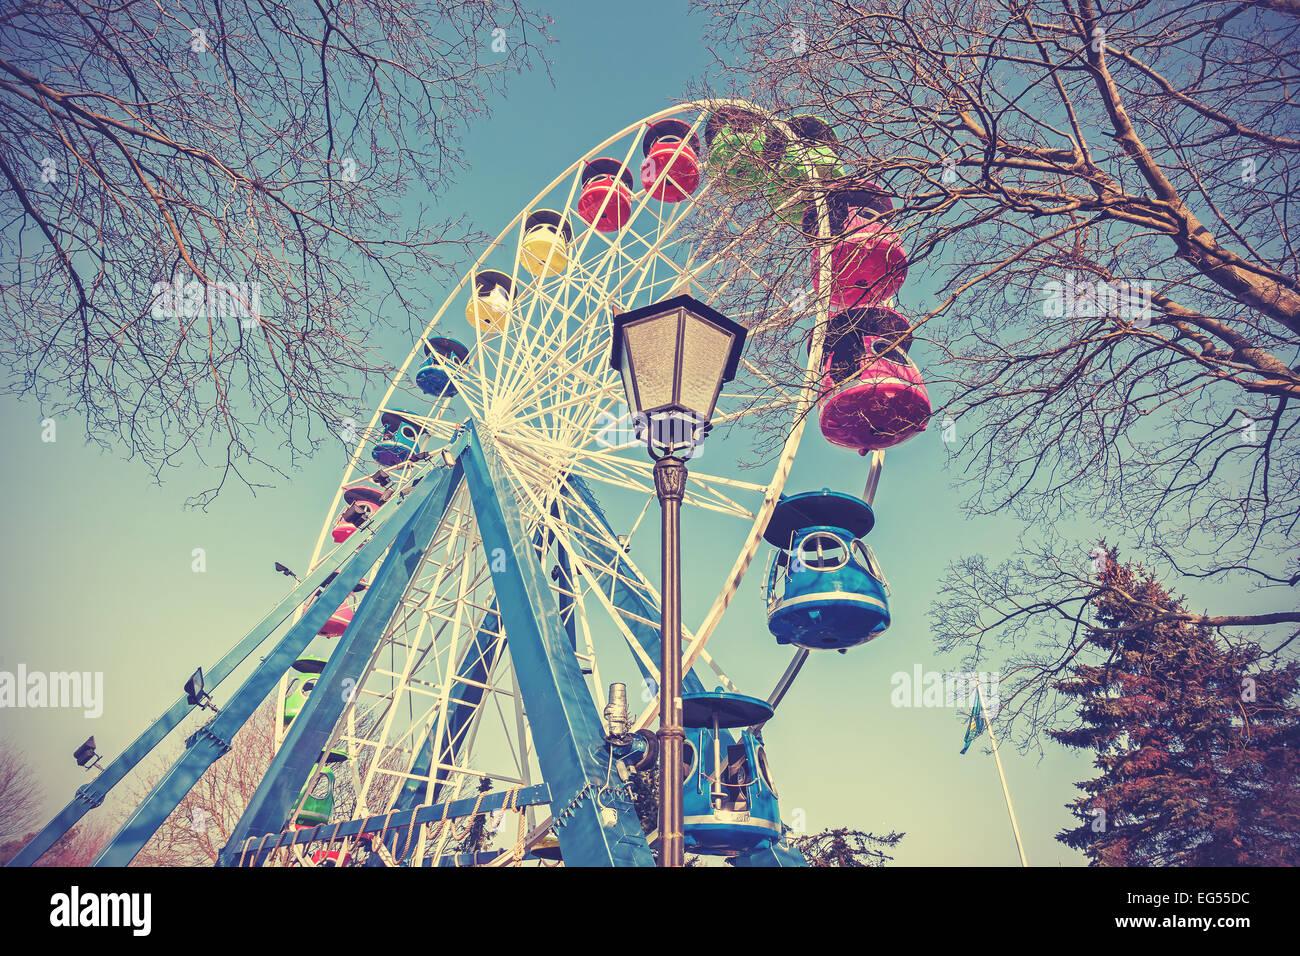 Retrò immagine filtrata della ruota panoramica Ferris in un parco. Immagini Stock